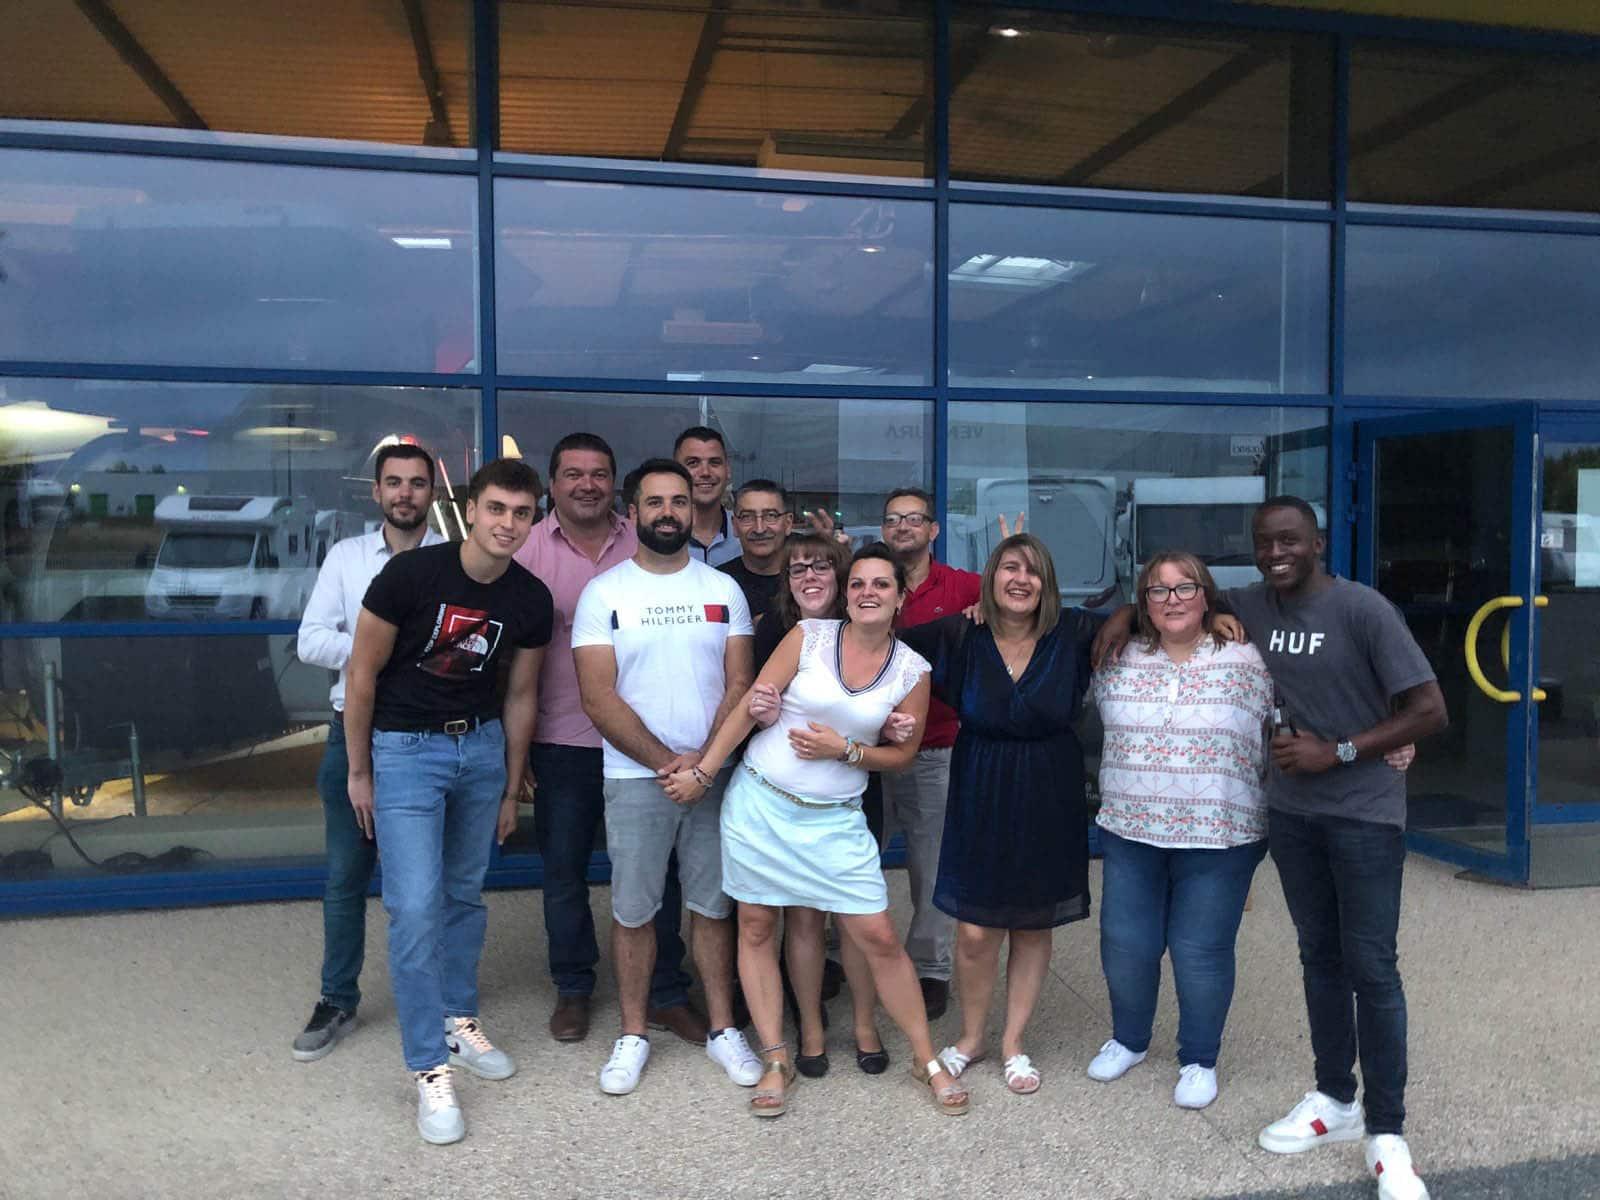 Offres d'emploi Orléans Membres de l'équipe 3CF